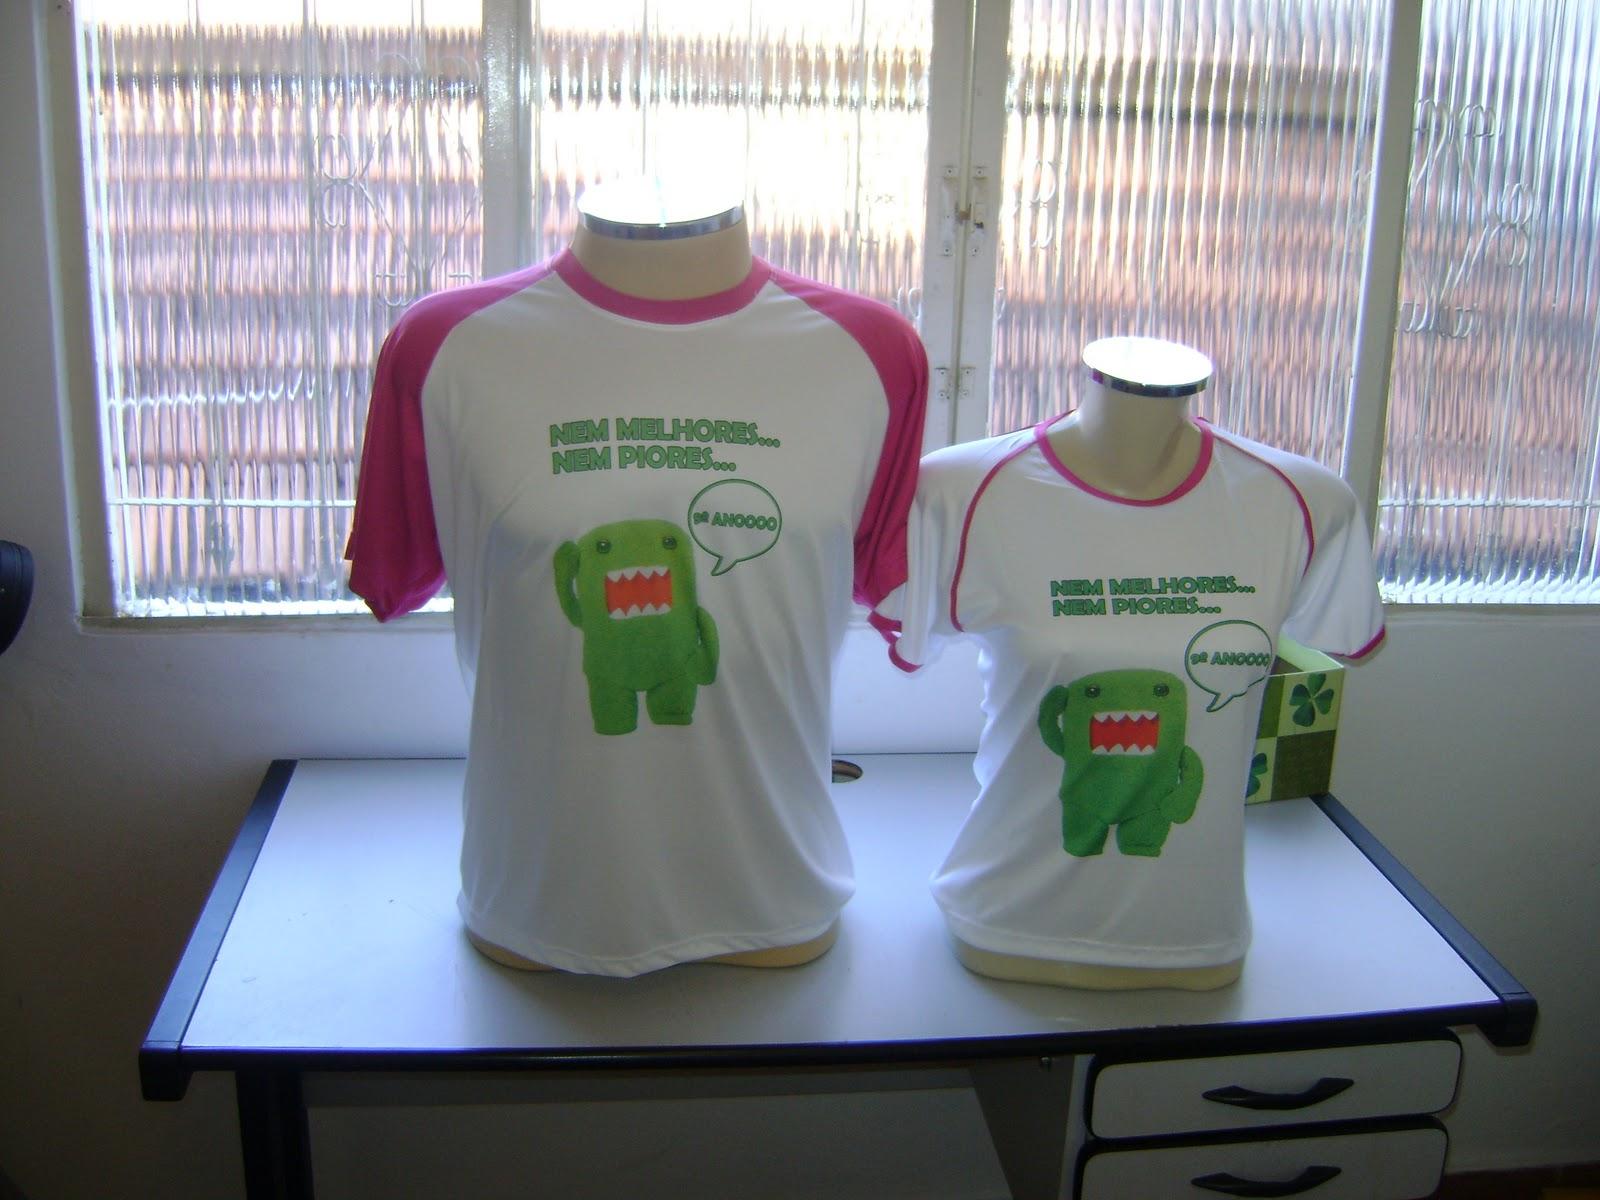 Camiseta Formatura Col Gio Imec Ano